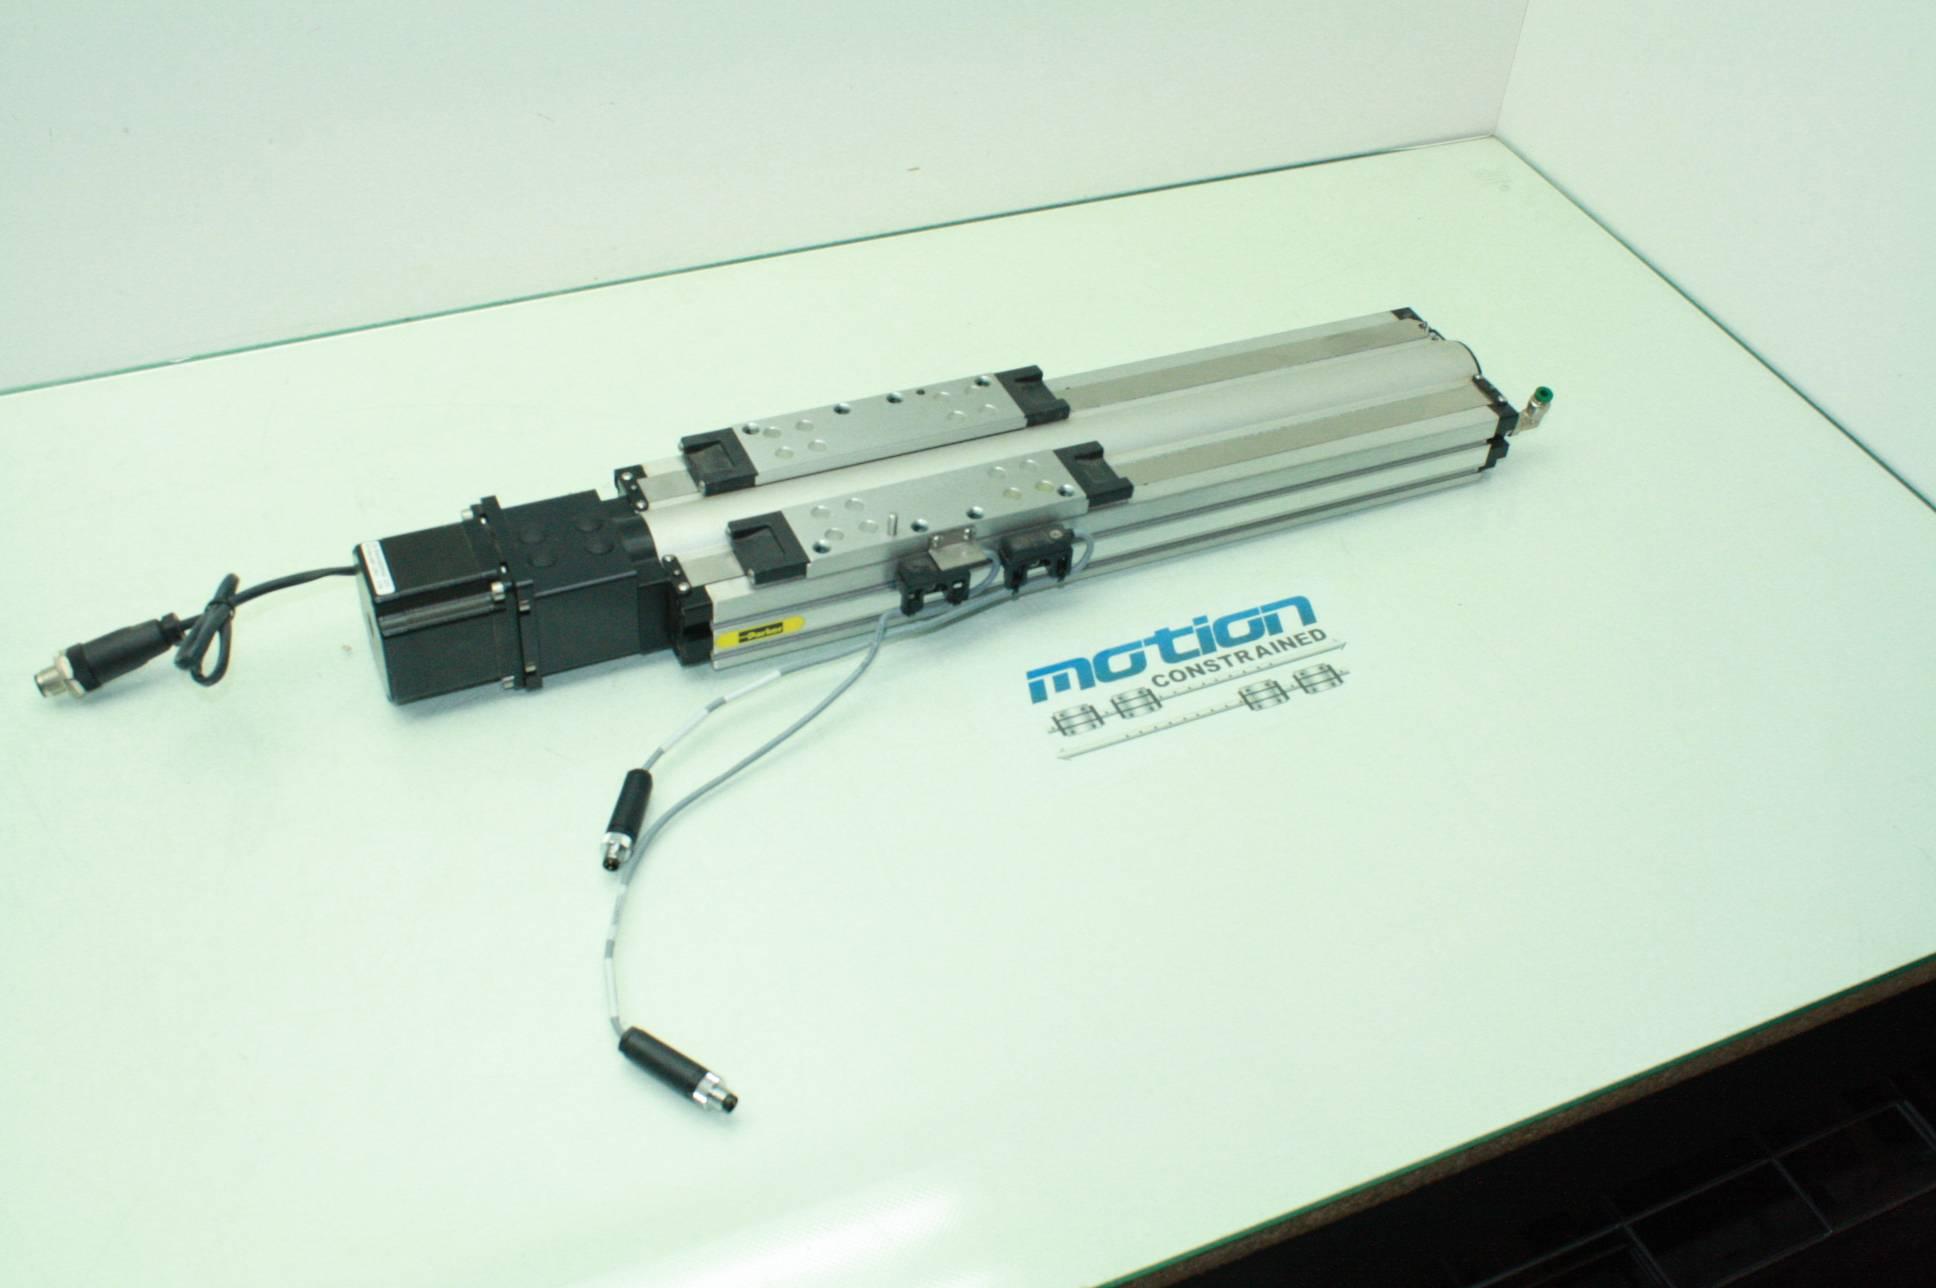 Parker lead screw driven linear actuator 210l nema 23 for Linear actuator stepper motor driven